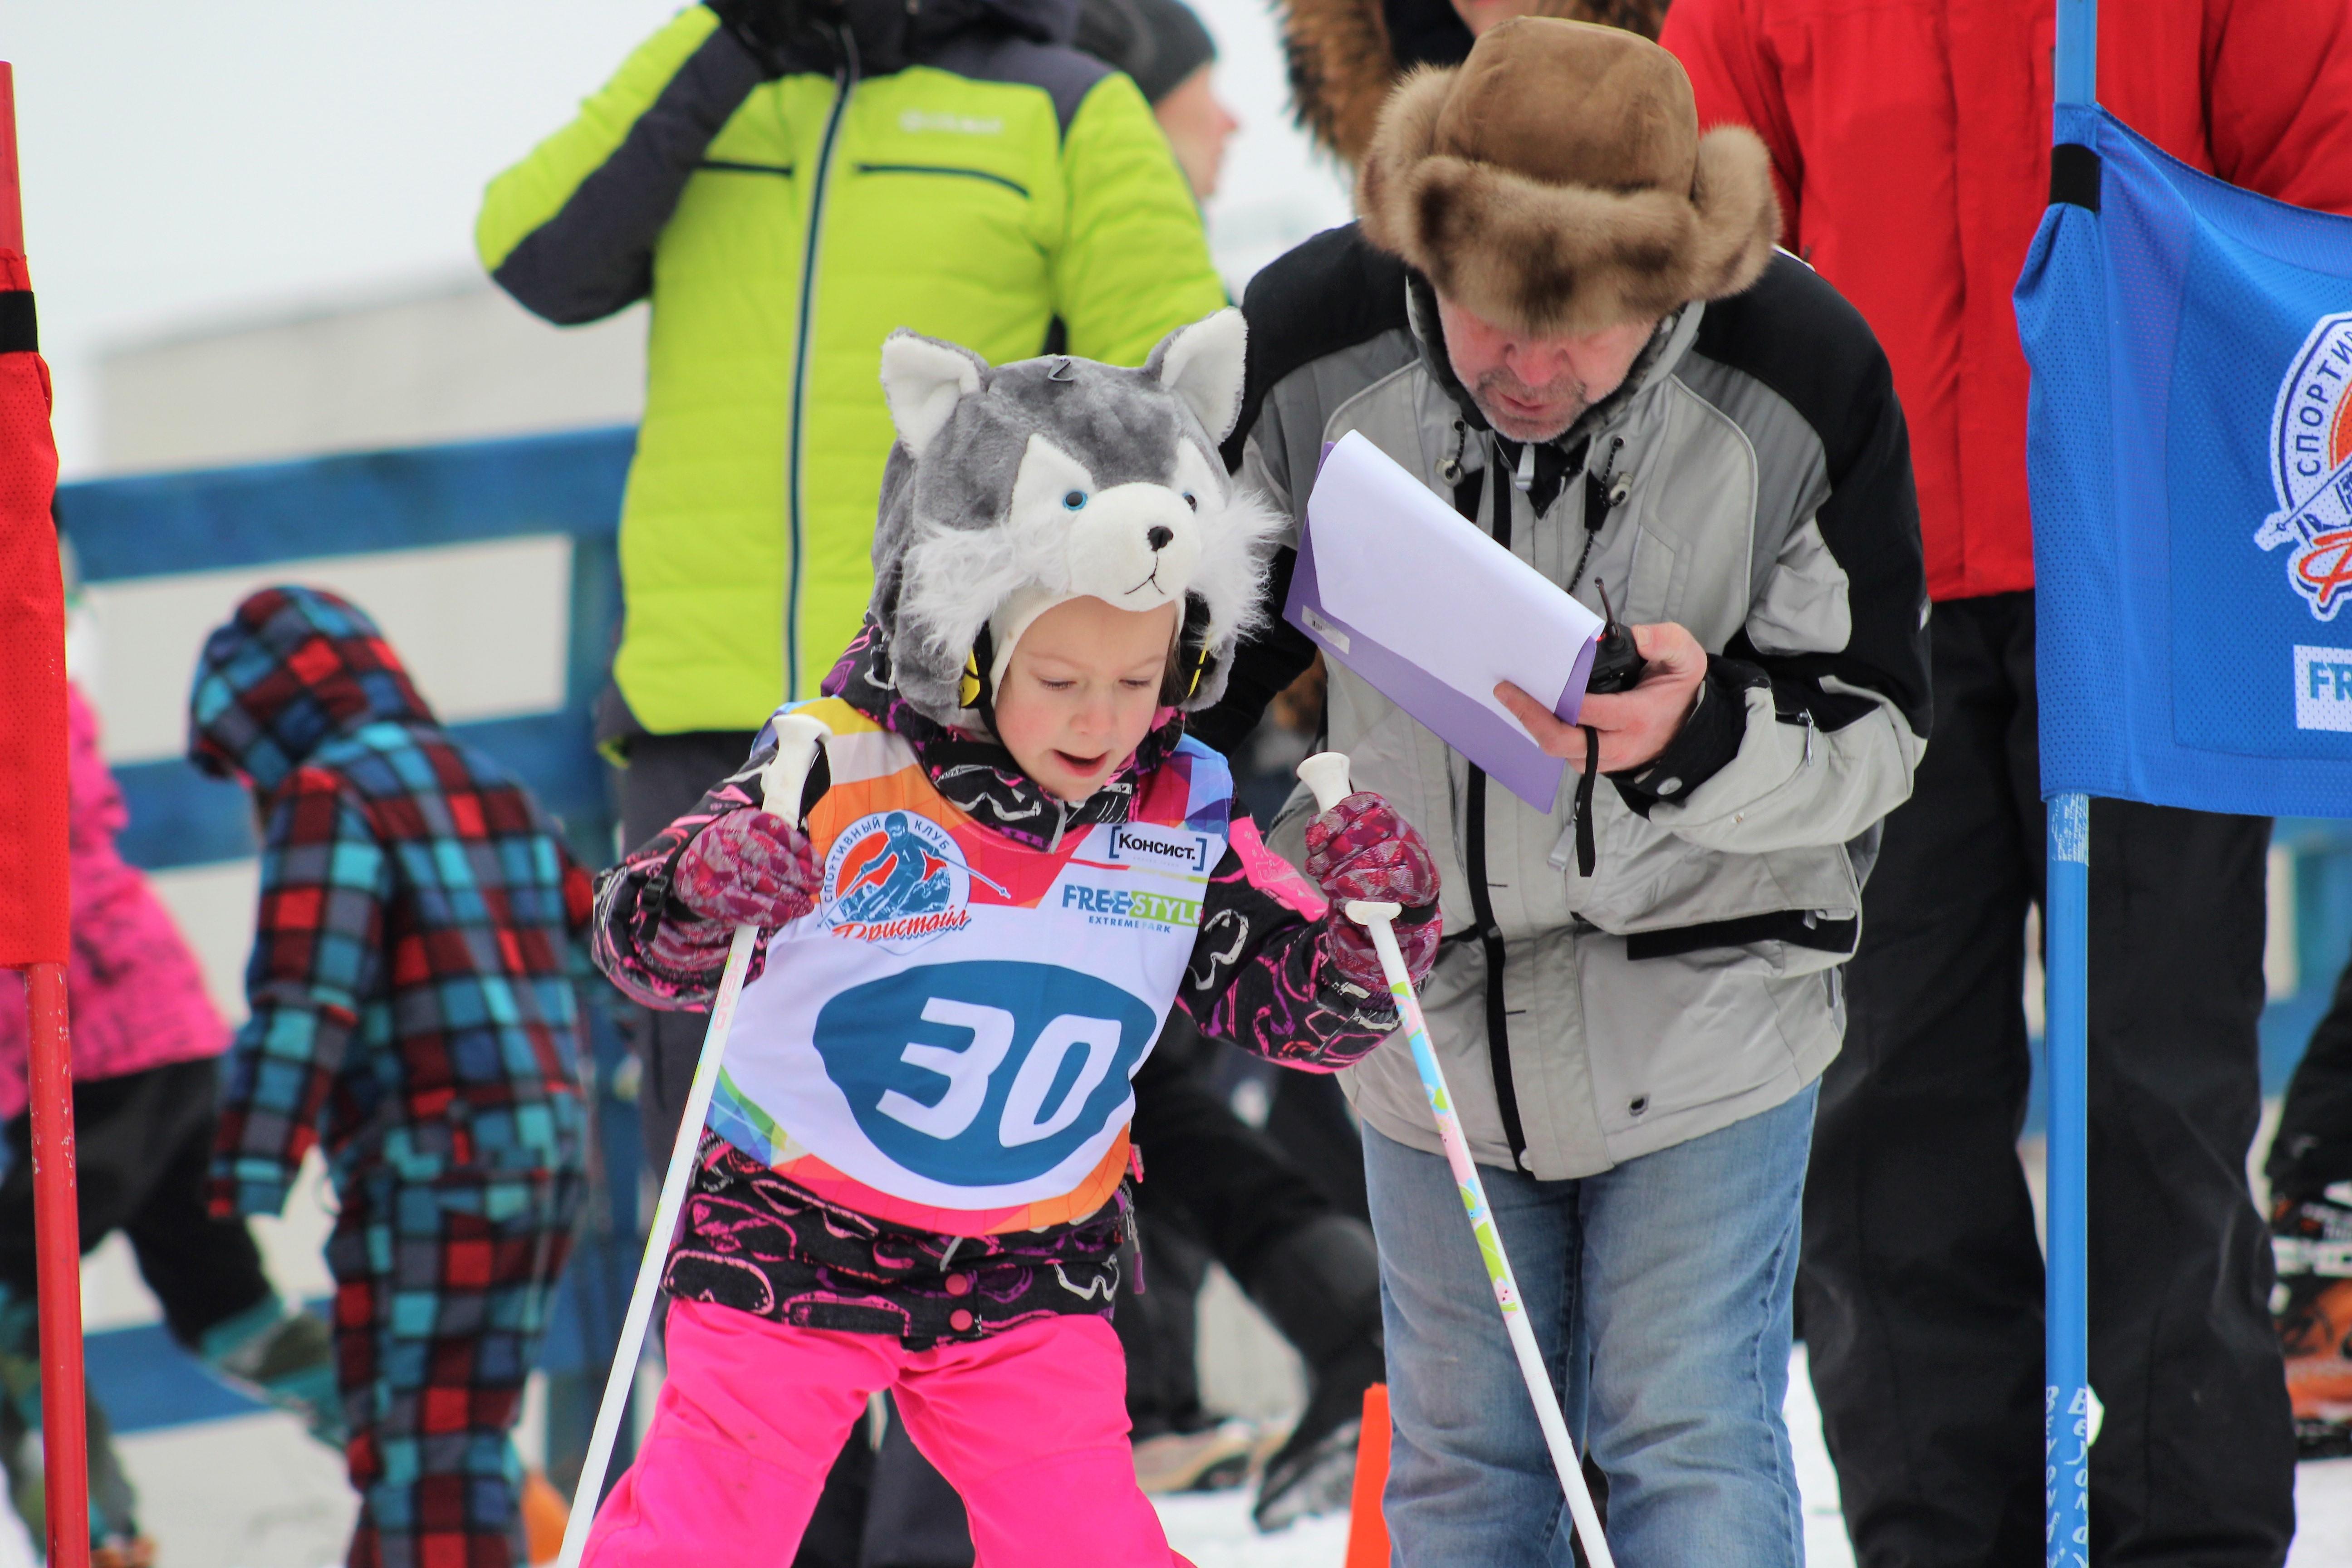 СК ФРИСТАЙЛ - горные лыжи открытие сезона 2018-01-27 (14)